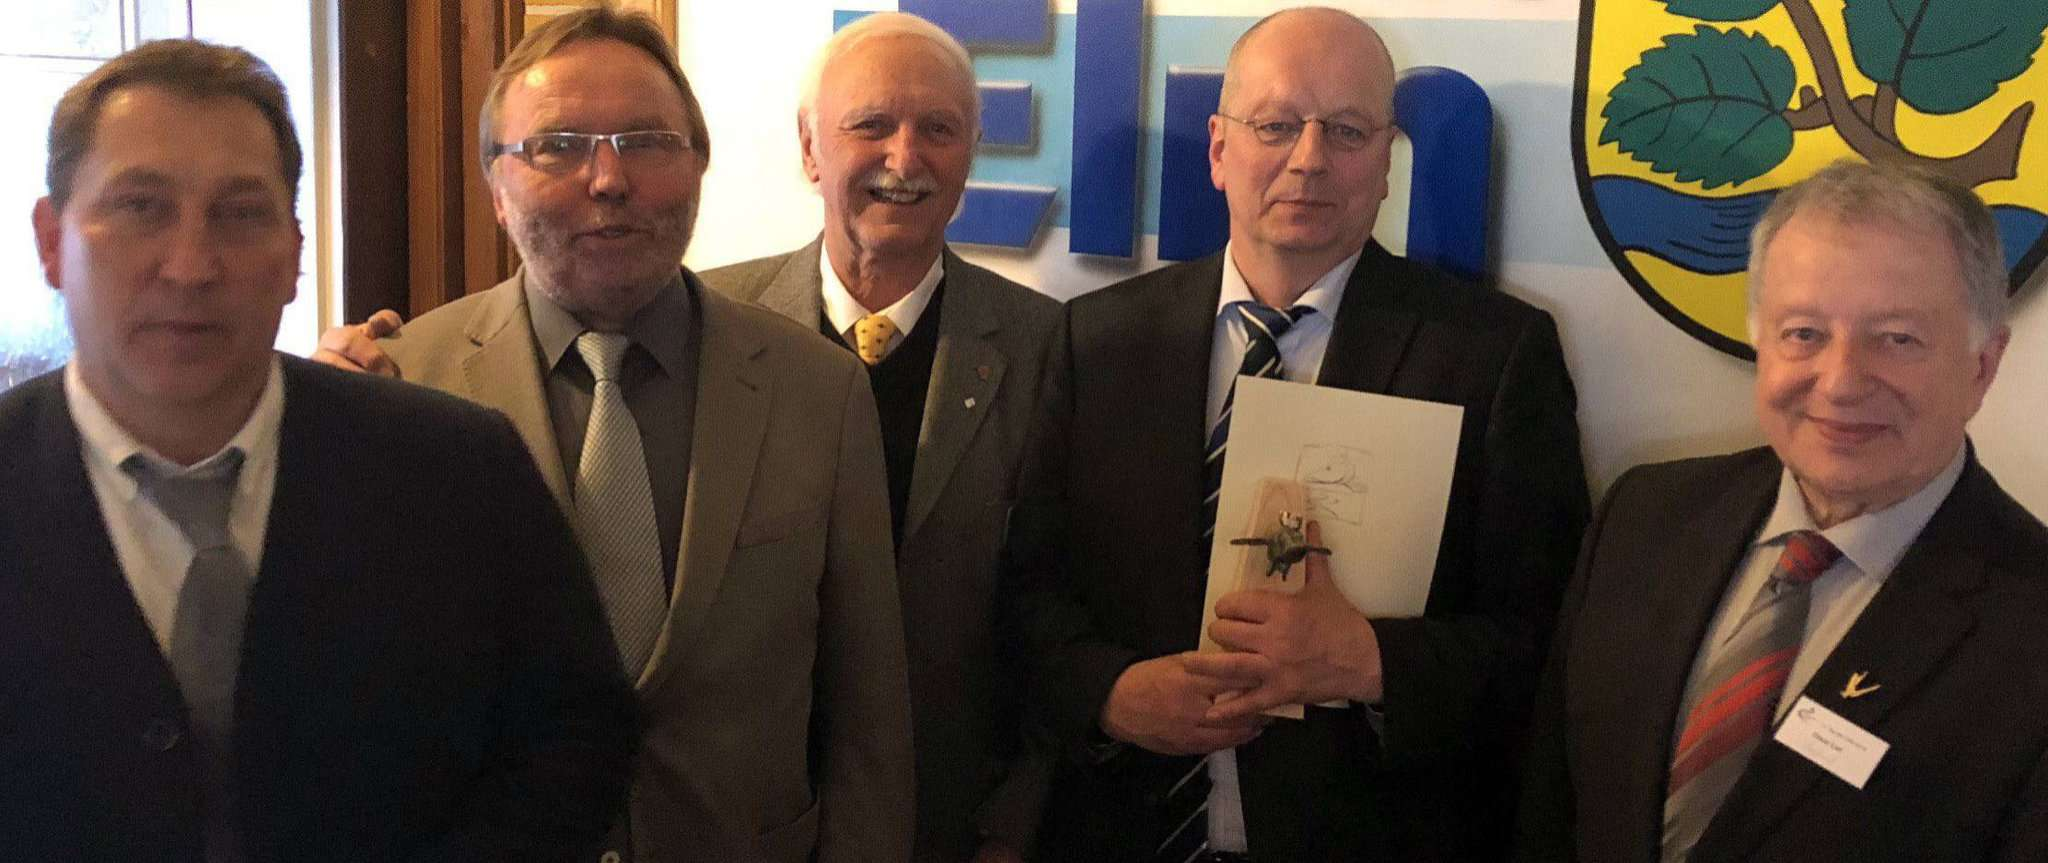 Friedhelm Gahlau (von links), Jürgen Otten, Hans-Günther Beuck, Andreas Schwanholt vom Moorbahnverein nehmen die Auszeichnung von Claus List entgegen.